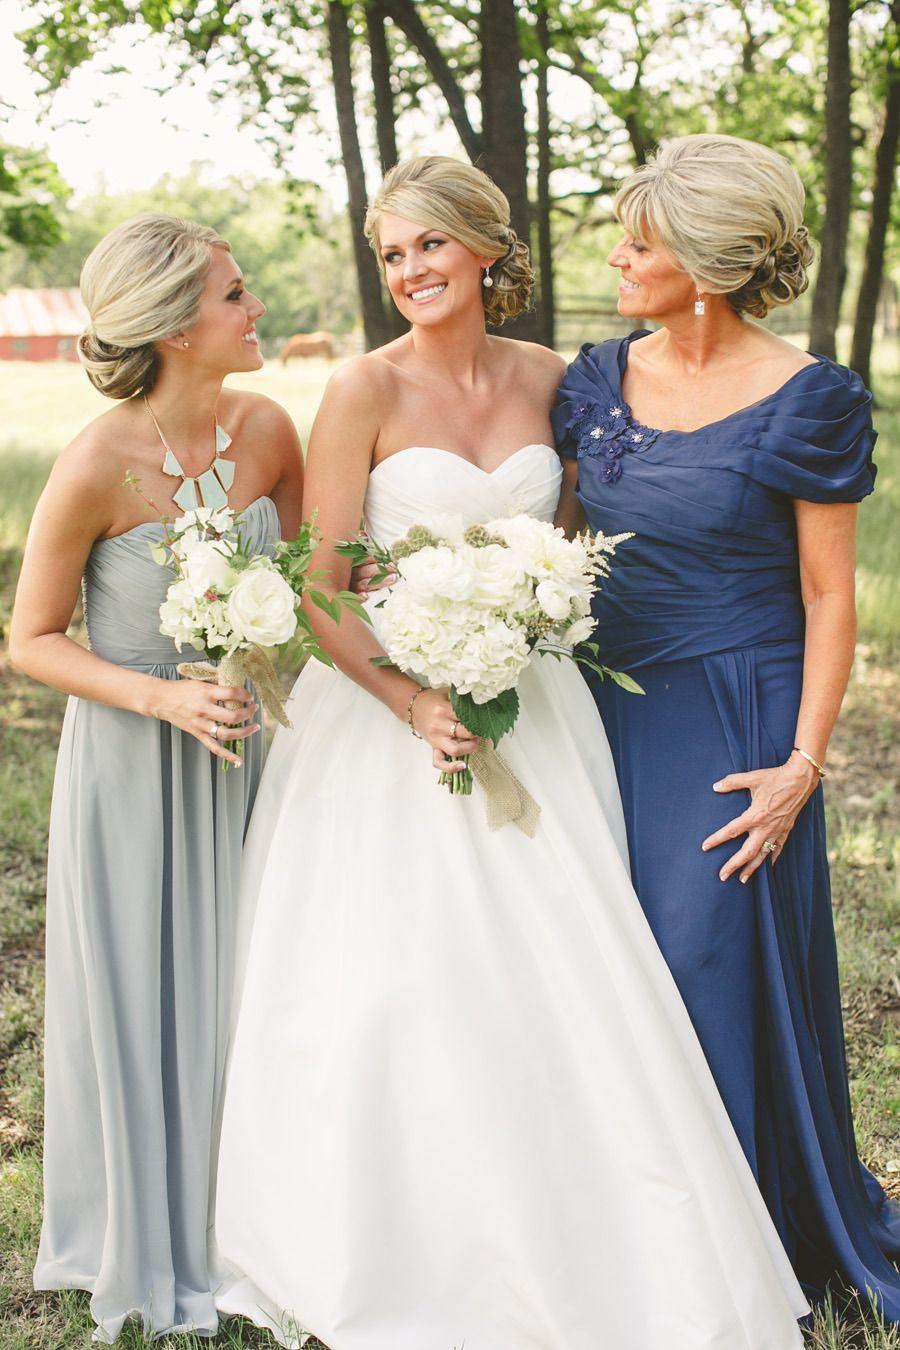 Großartig Brautjunferkleider In Tiffany Blauer Farbe Galerie ...